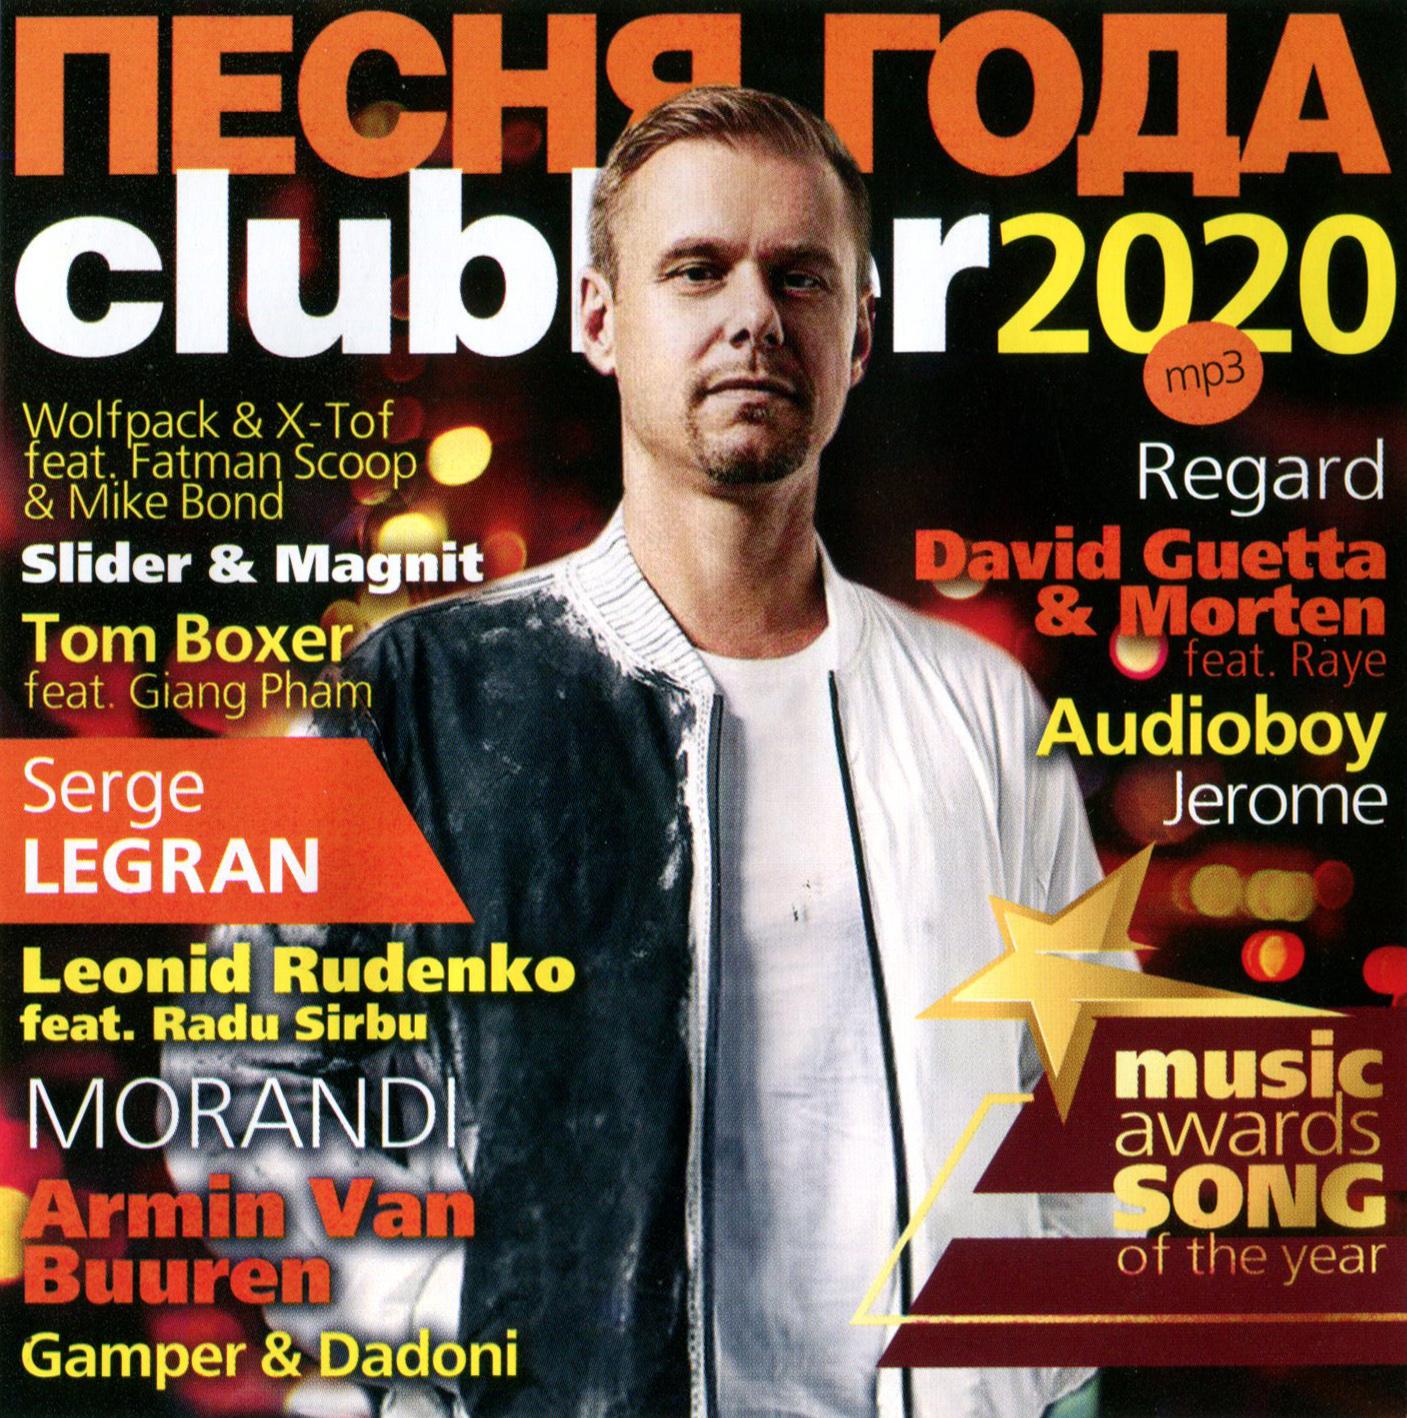 ПЕСНЯ ГОДА - 2020 clubber [mp3]